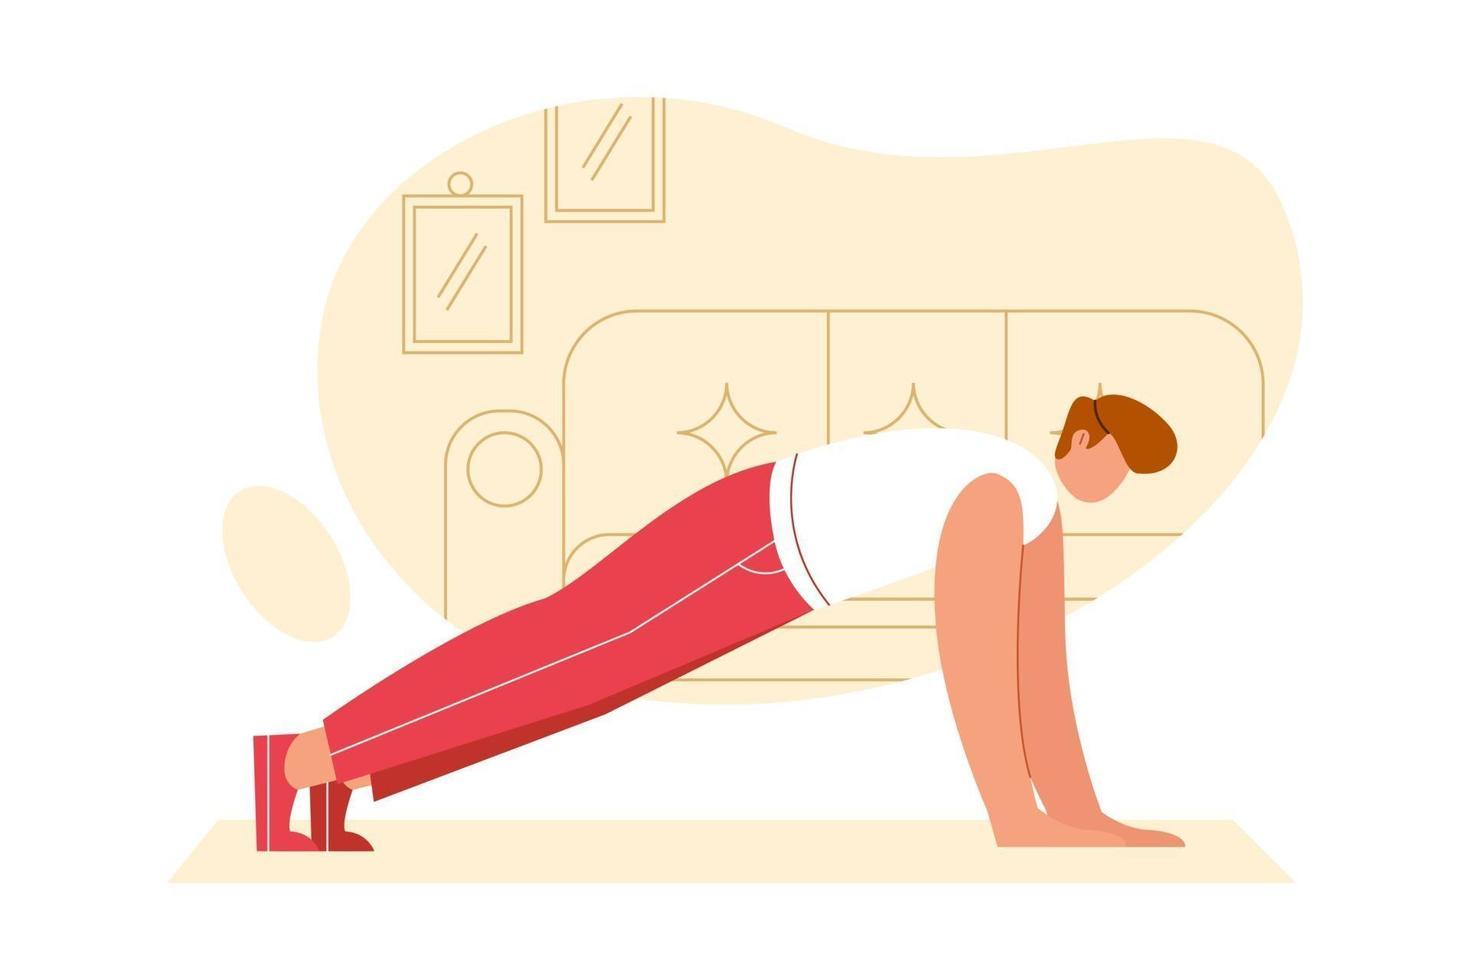 ilustração plana de jovem rapaz treinando em flexões. pessoas fazendo vetor de exercício para ginásio, esporte, design de fitness.